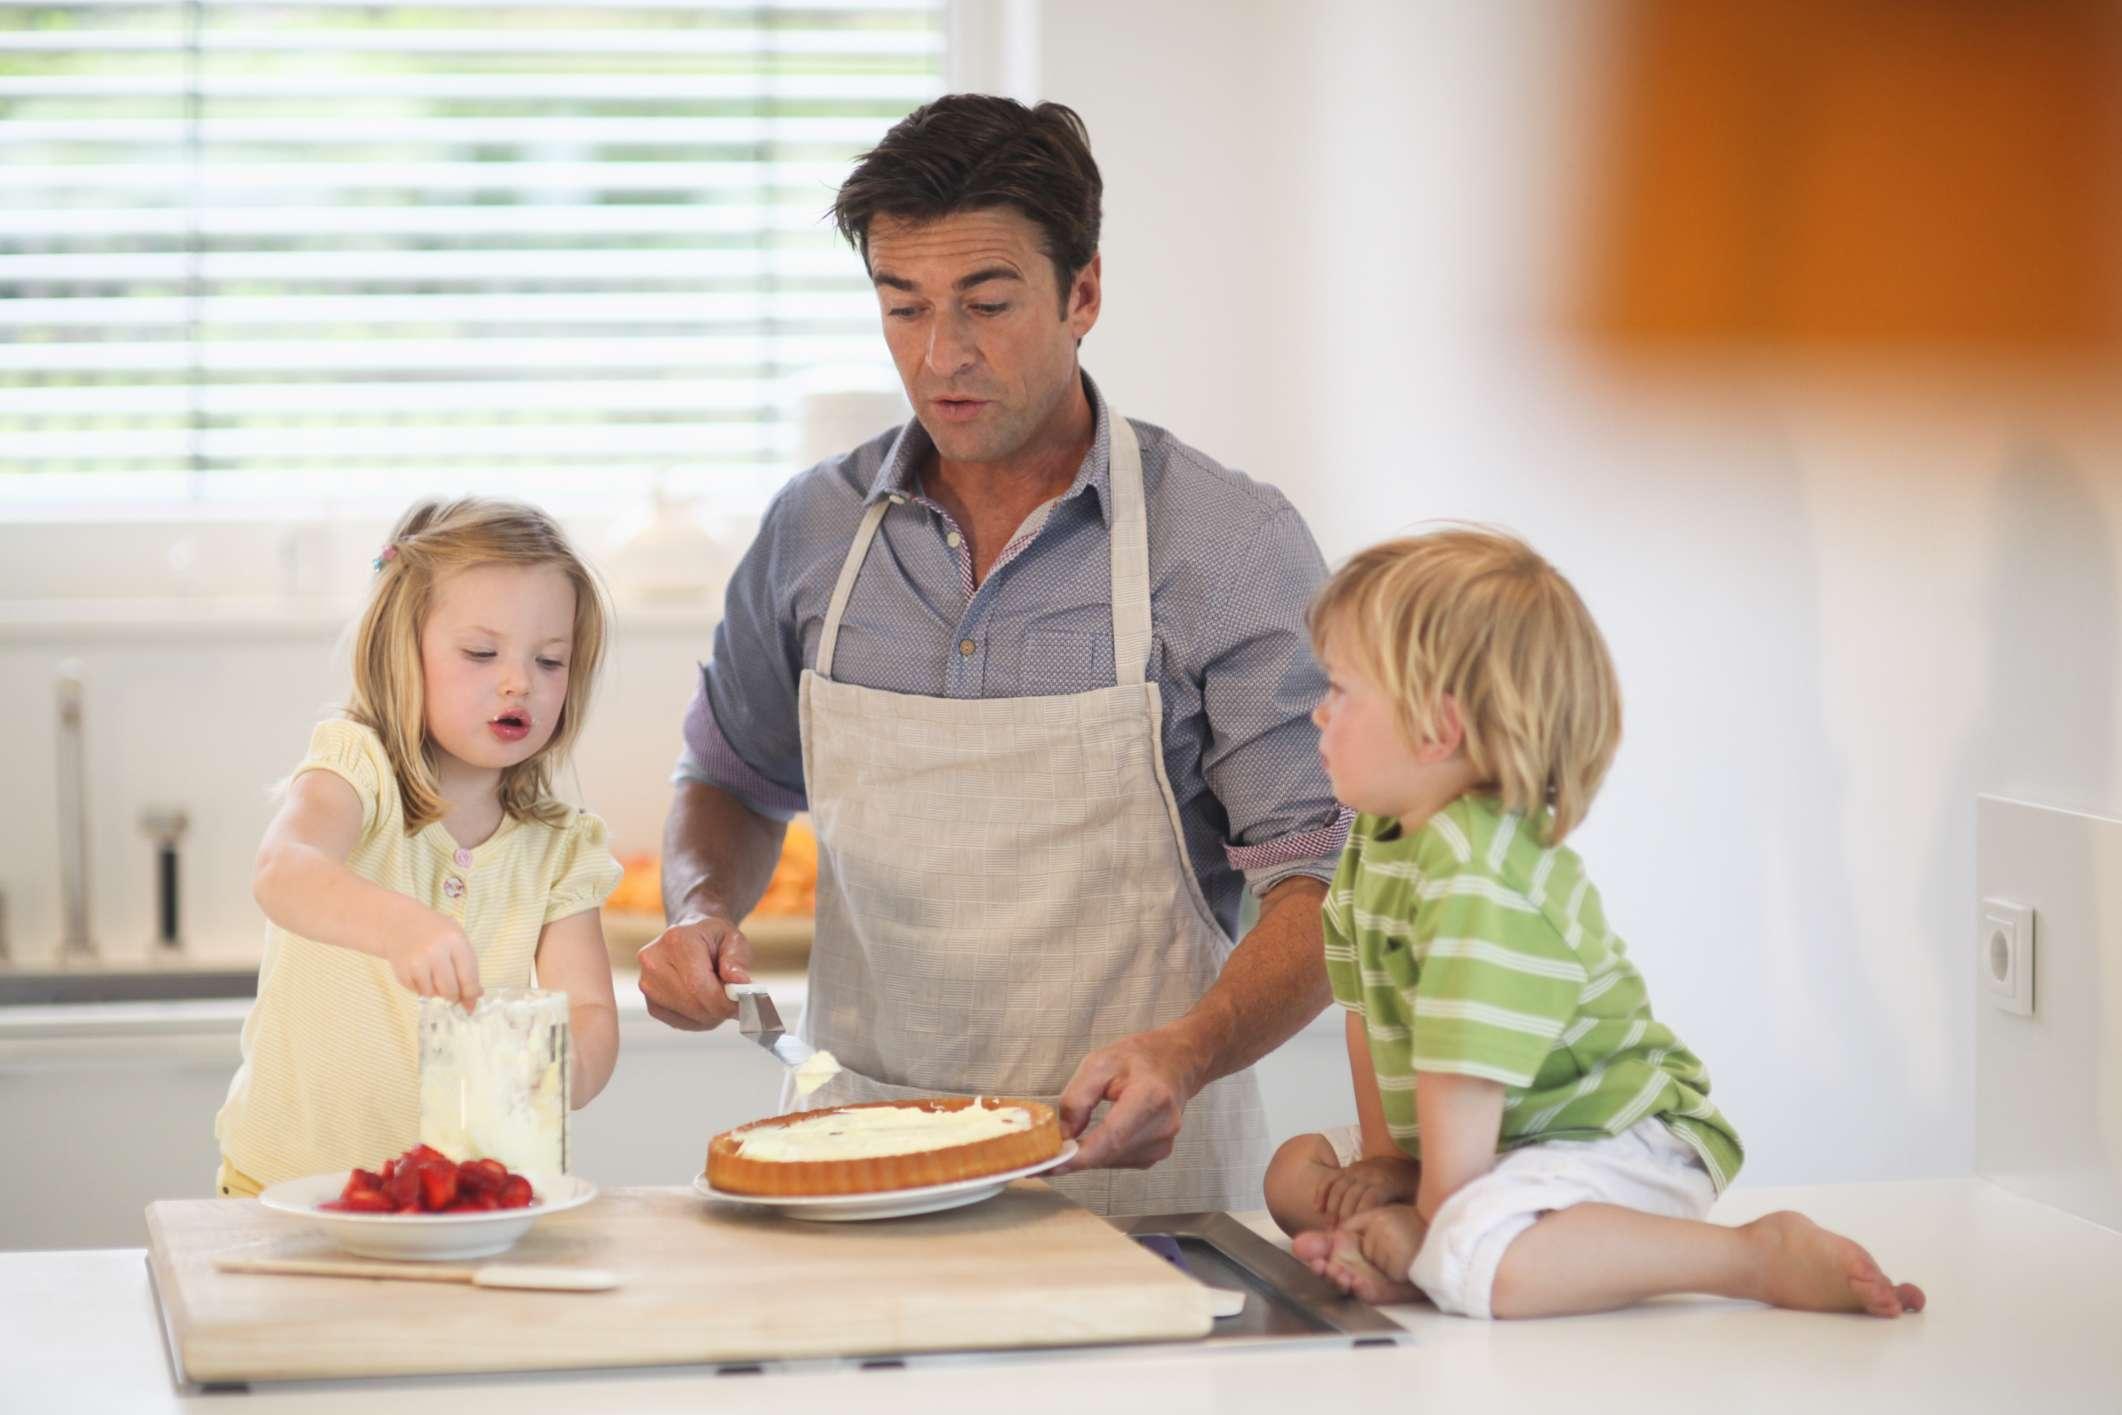 Estudo: 92% dos ingleses ajudam nas tarefas domésticas